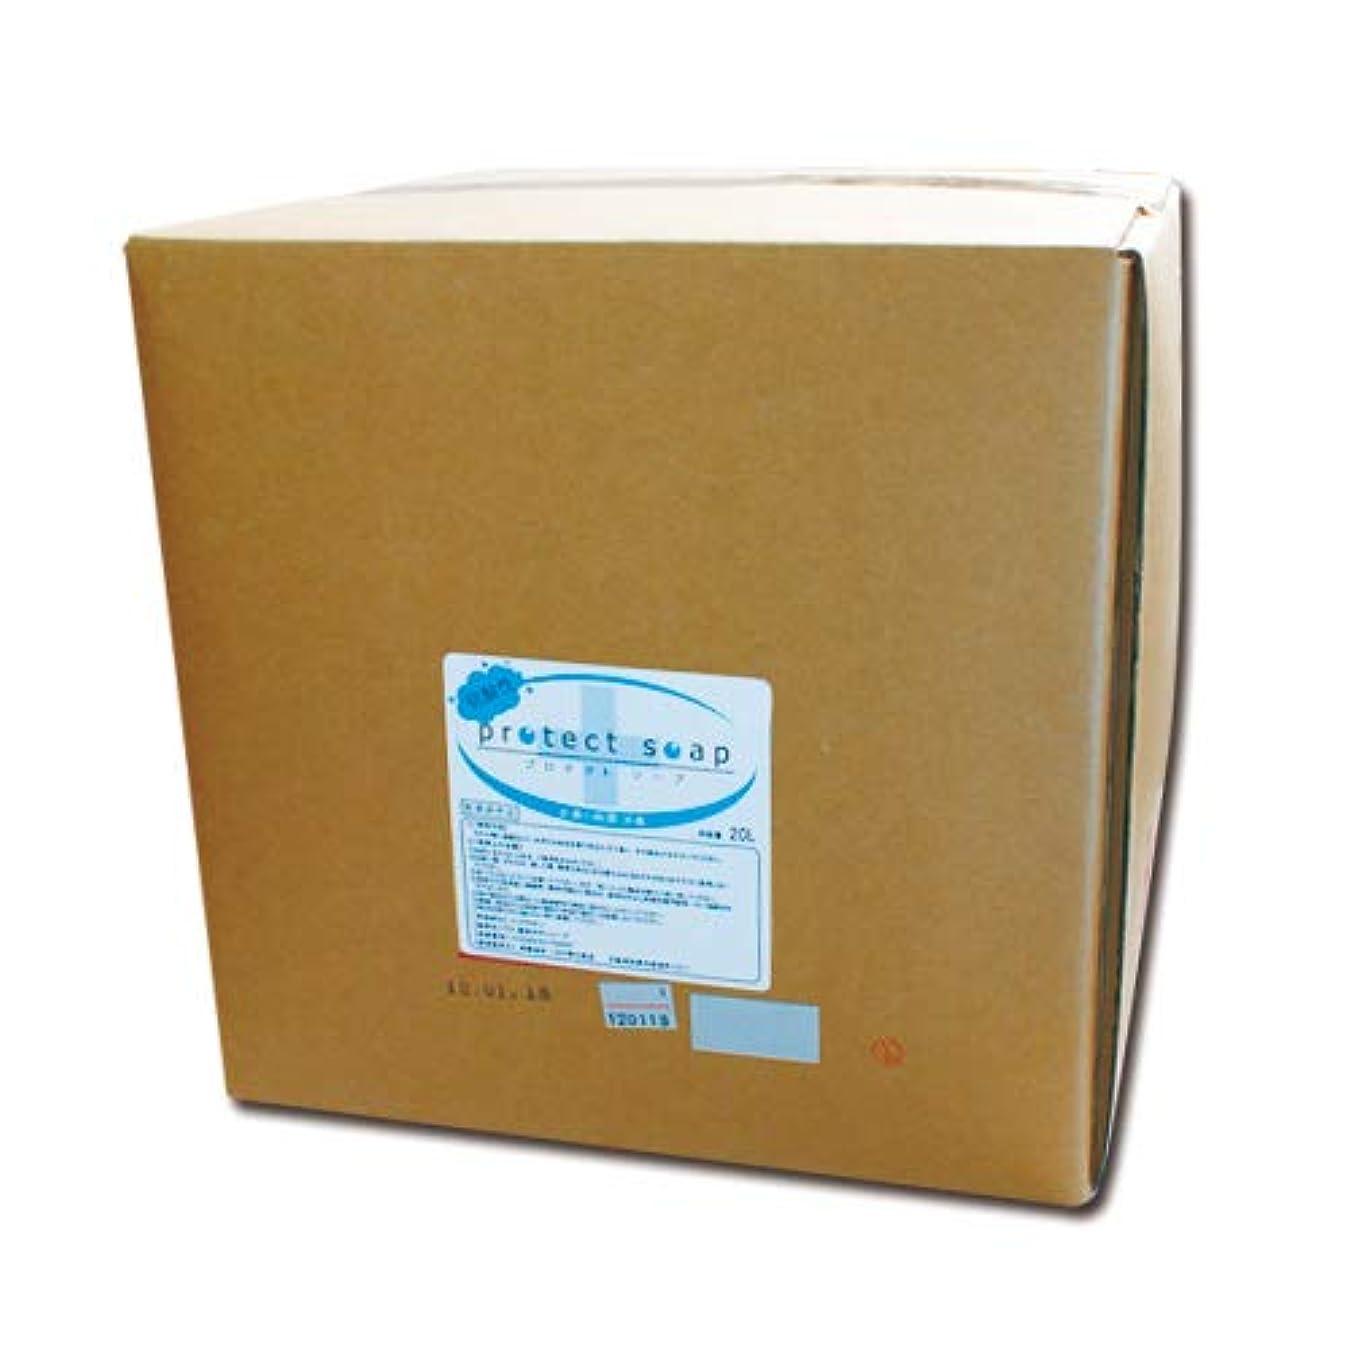 面積侵略要求する低刺激弱酸性 液体石鹸 プロテクトソープ 20L 業務用